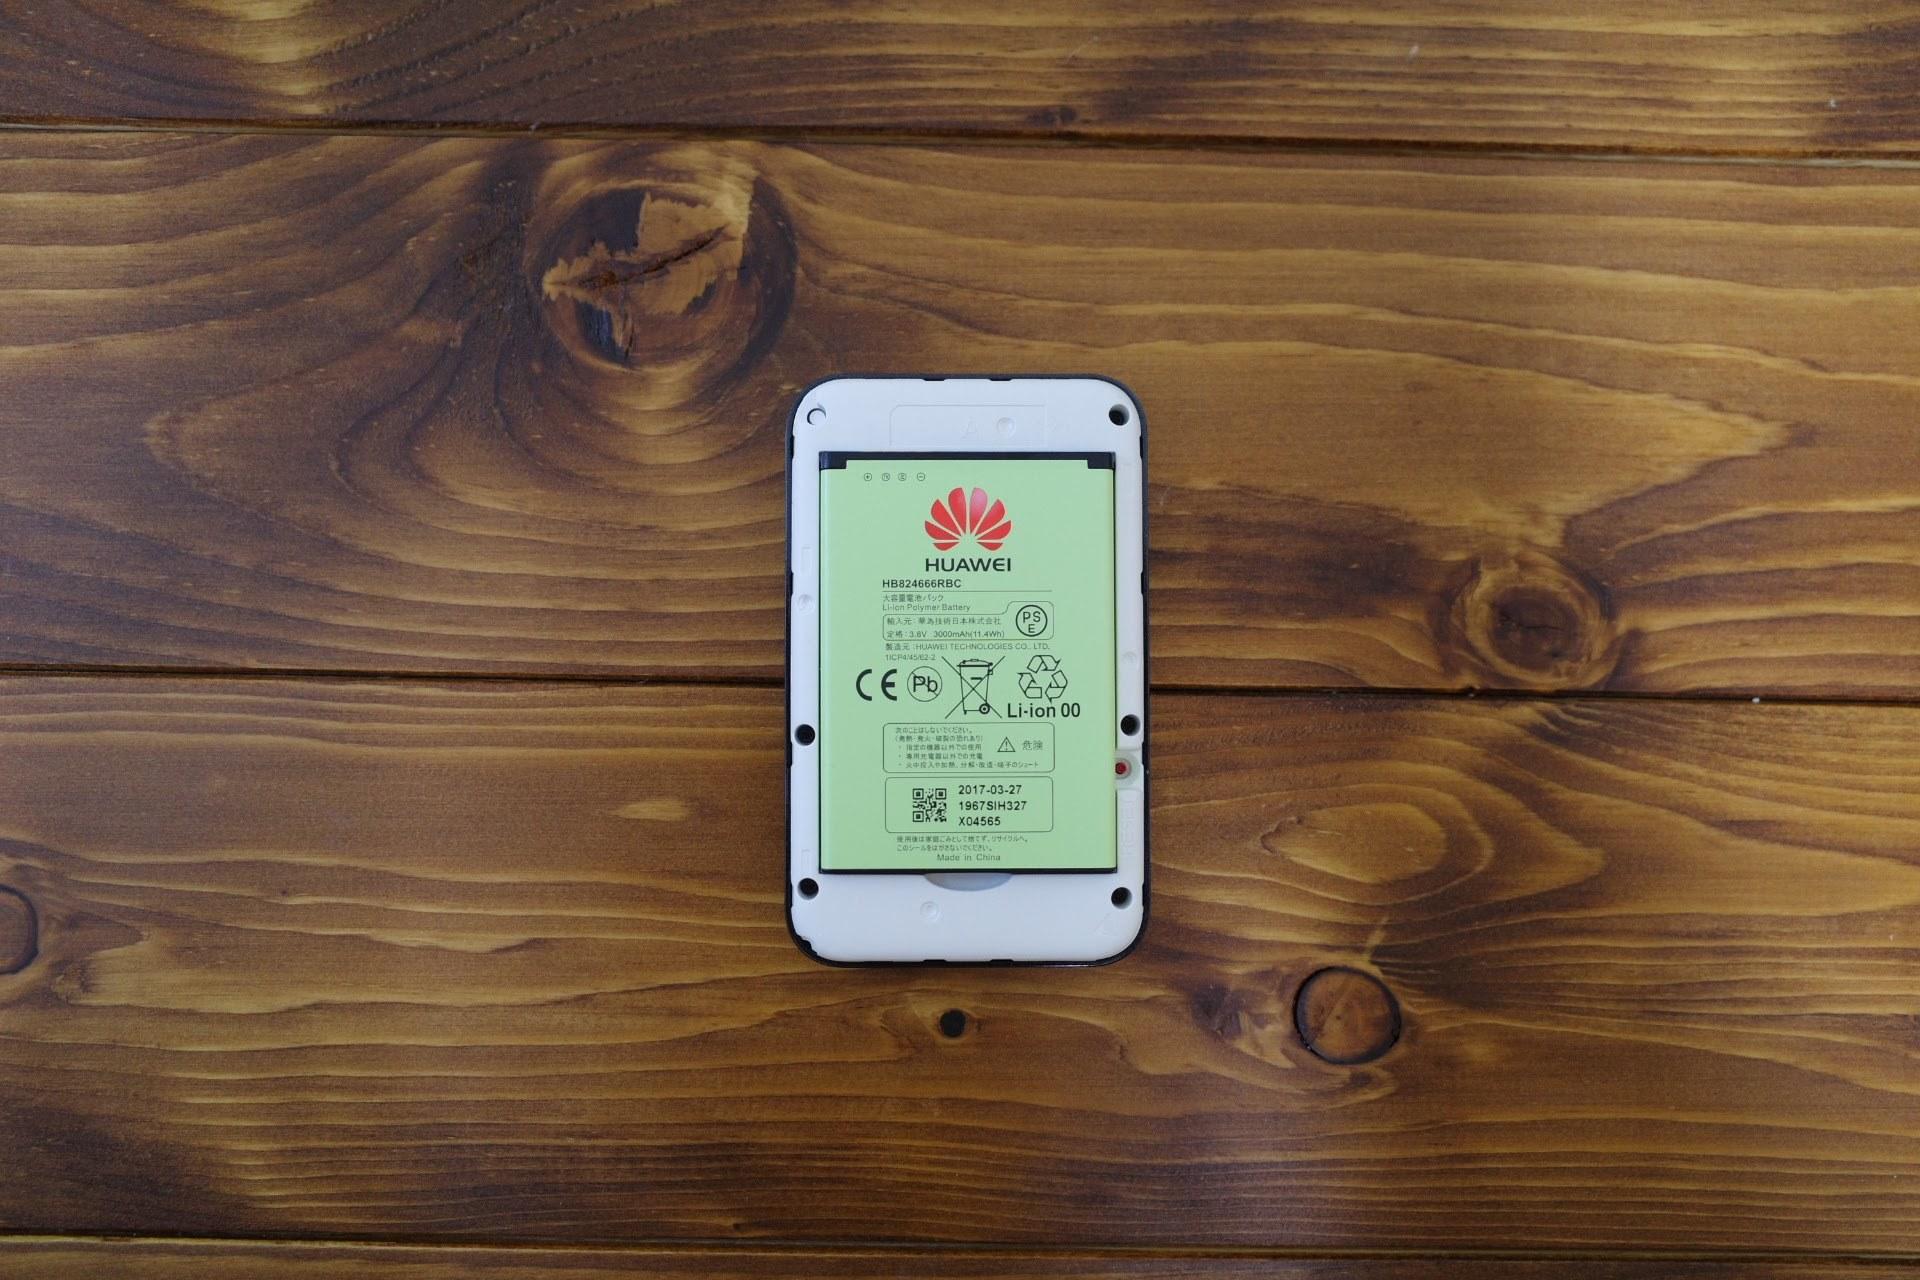 自宅のwi-fiが遅すぎるので月100GB3,000円の格安SIM Chat Wifiを導入したら快適になった│ごちログ